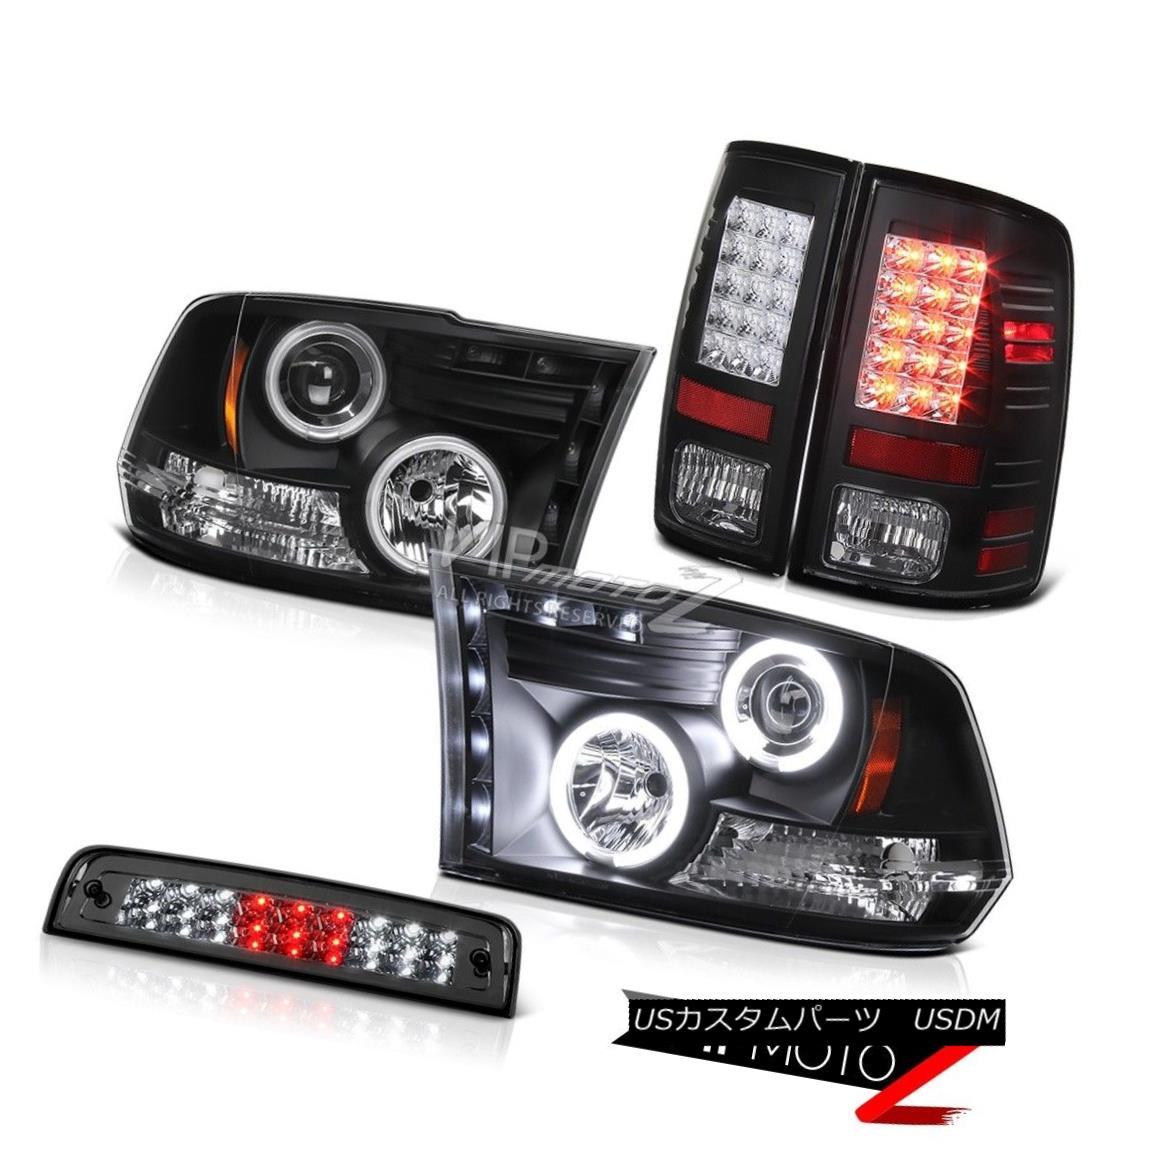 ヘッドライト 09-18 Dodge Ram 1500 6.4L Roof Brake Light Parking Lights Headlamps LED CCFL Rim 09-18ダッジラム1500 6.4LルーフブレーキライトパーキングライトヘッドランプLED CCFLリム